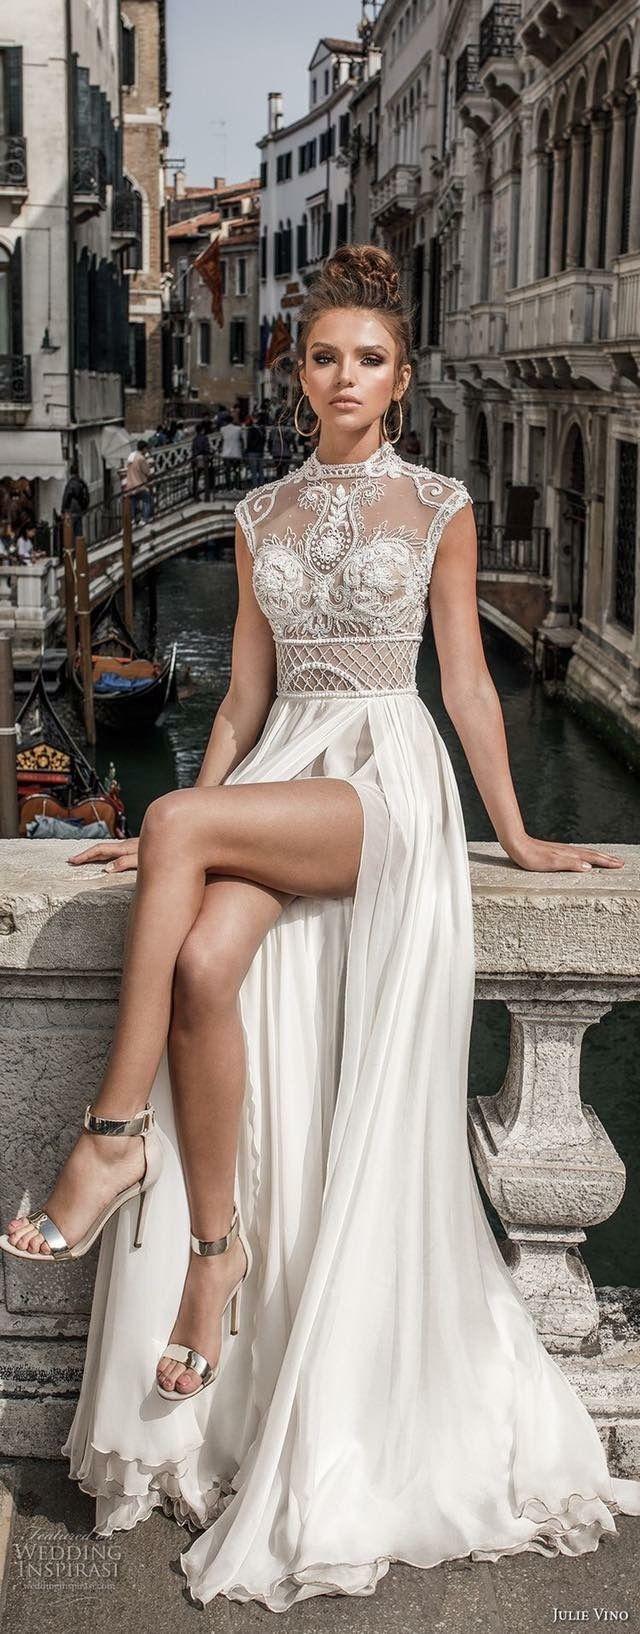 Tenue de soirée idées style pinterest google wedding dress